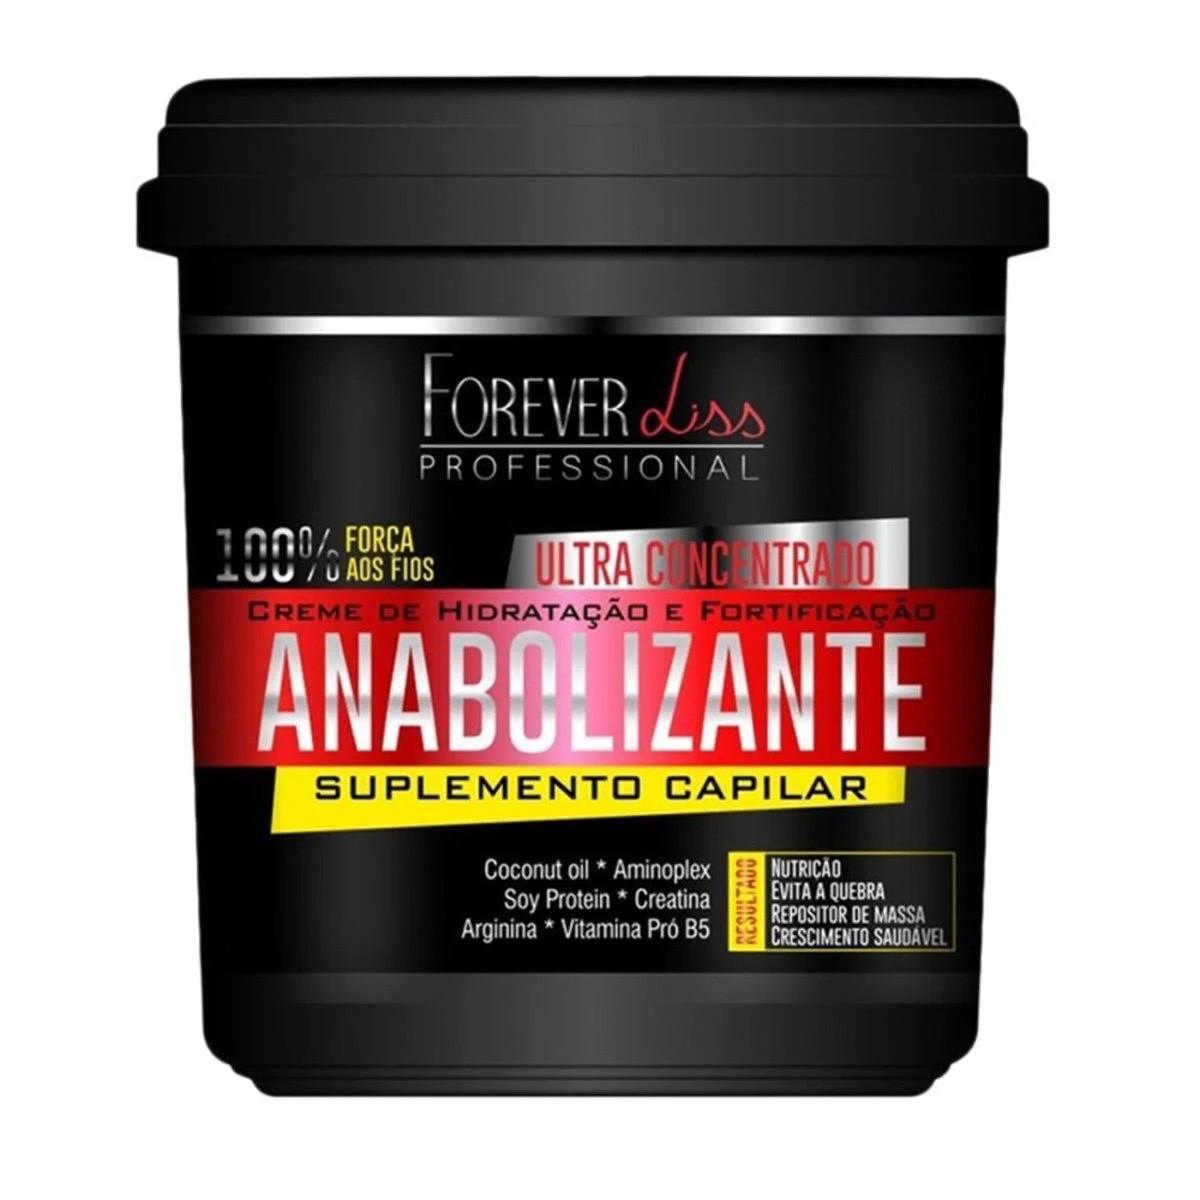 Creme de Hidratação Forever Liss Professional Anabolizante Capilar - 3x 240g